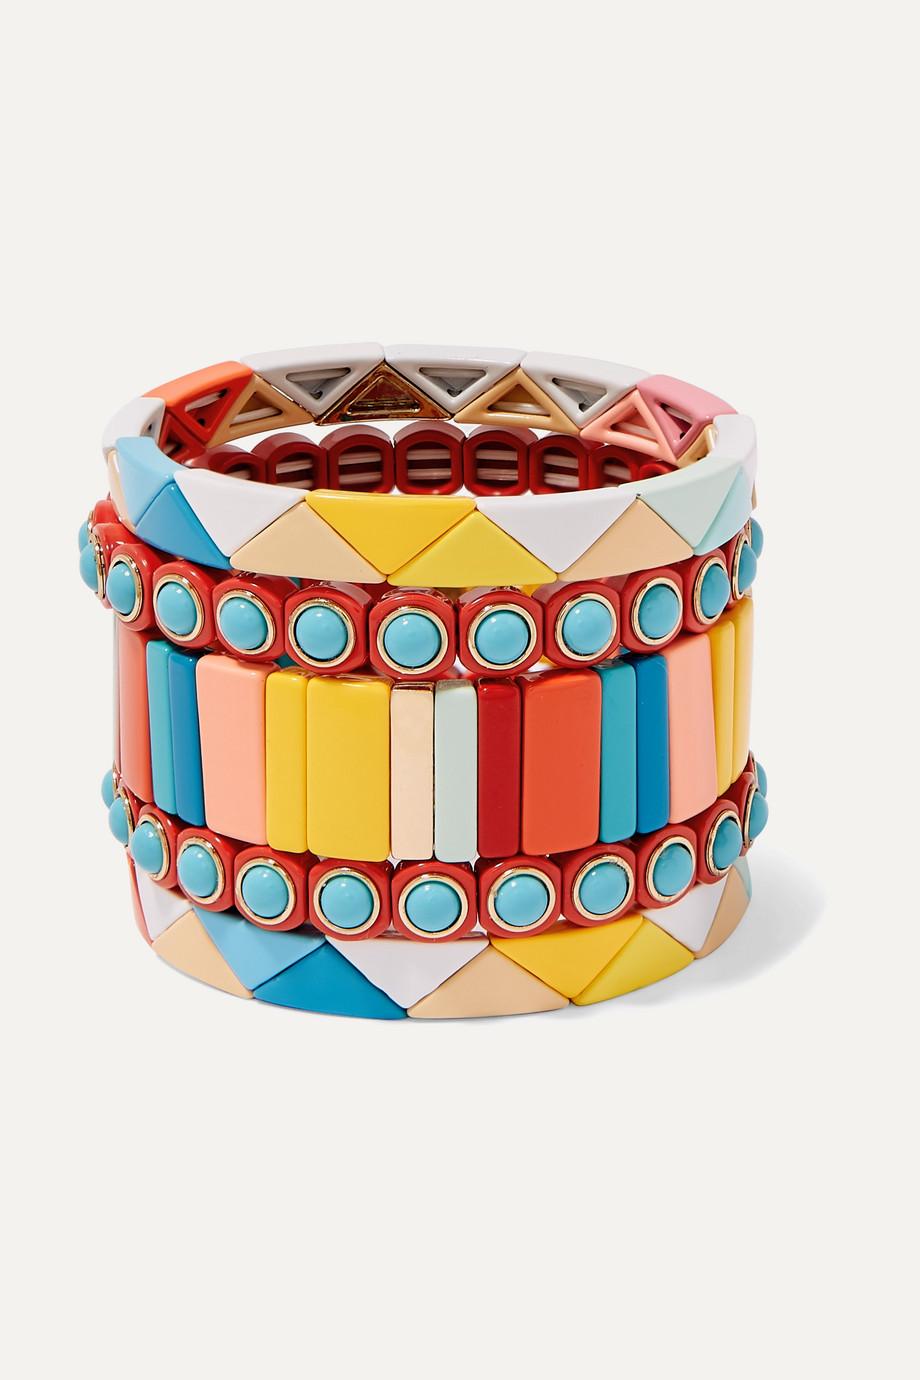 록산느 애슐린 팔찌 Roxanne Assoulin Cinque Terre set of five enamel bracelets,Yellow